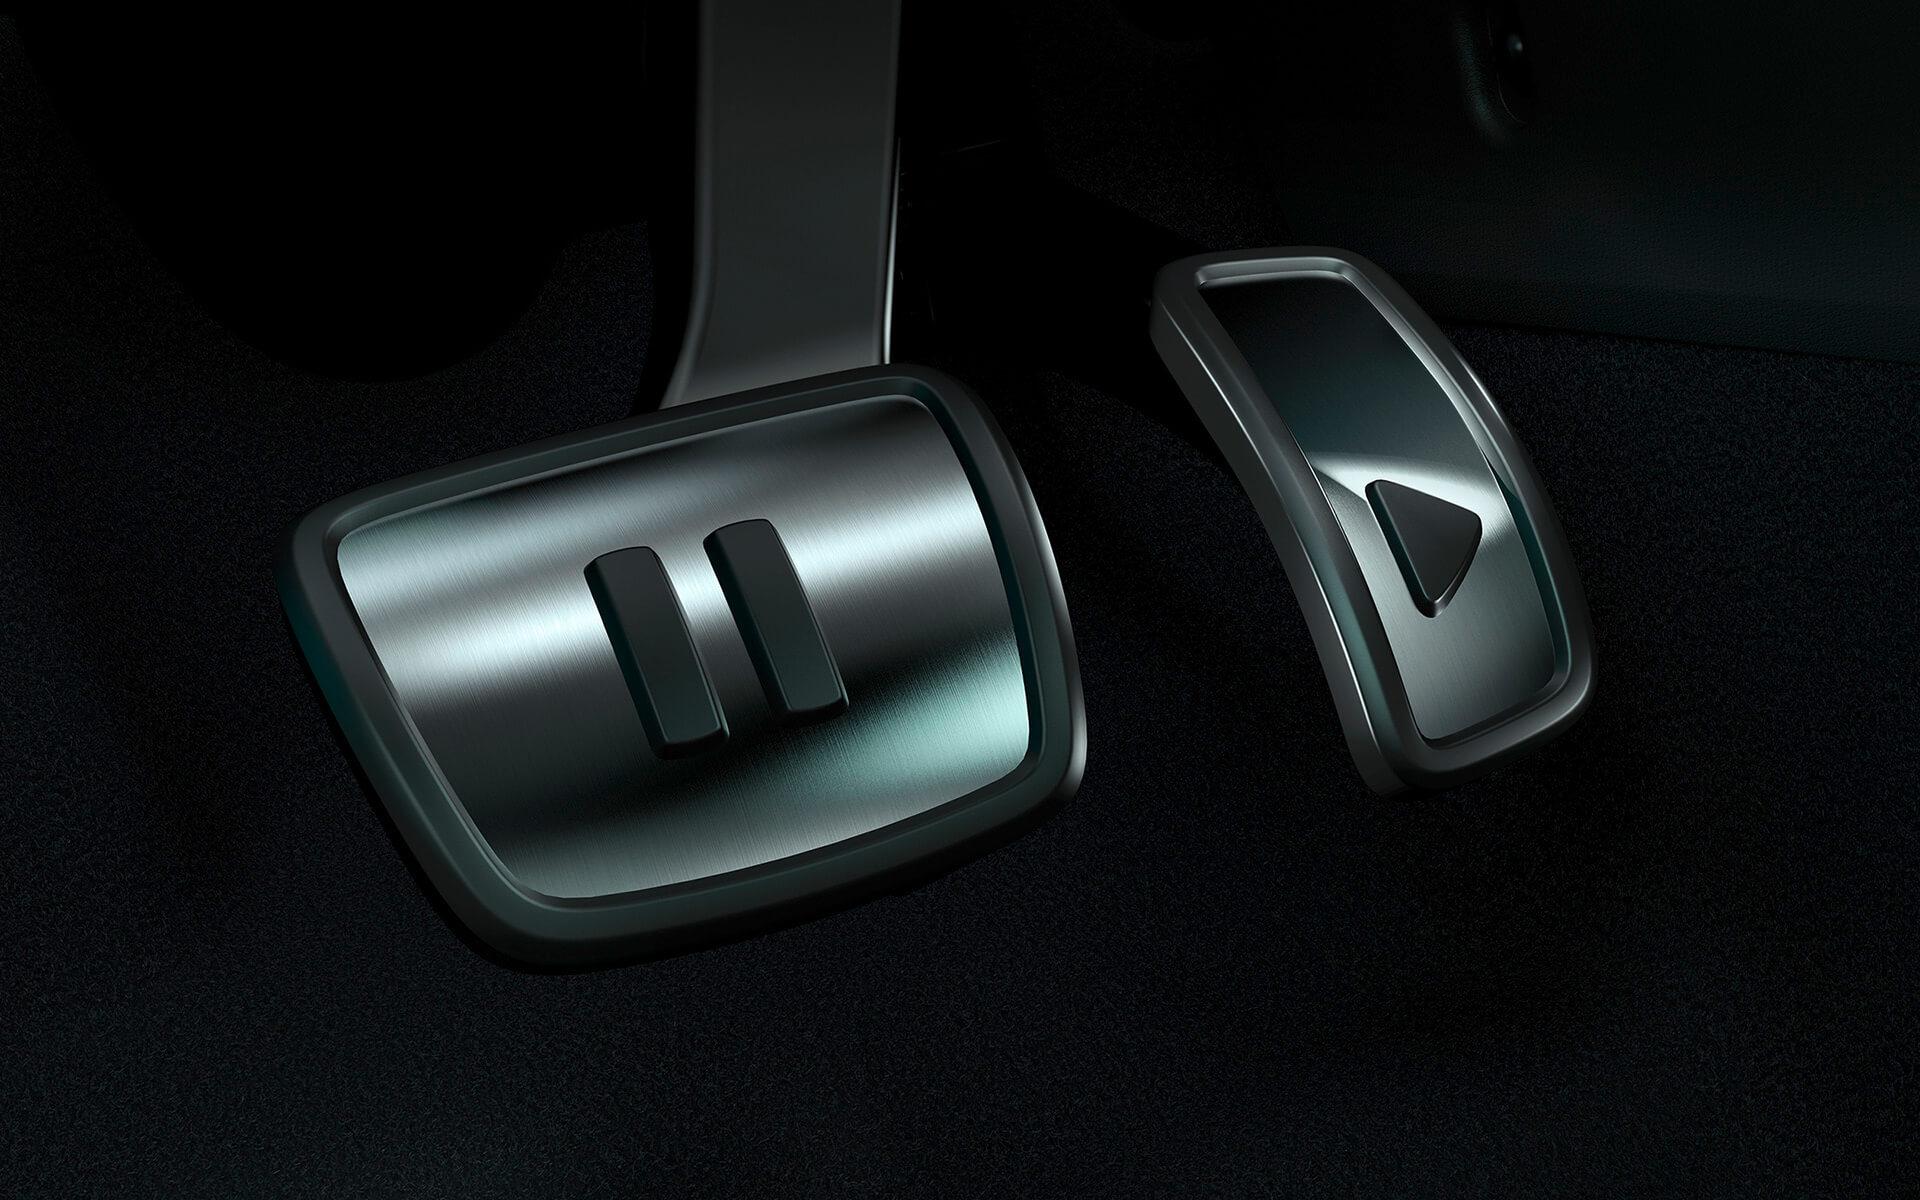 VW ID.3 - Πεντάλ από ανοξείδωτο ατσάλι σε σχεδιασμό Play & Pause